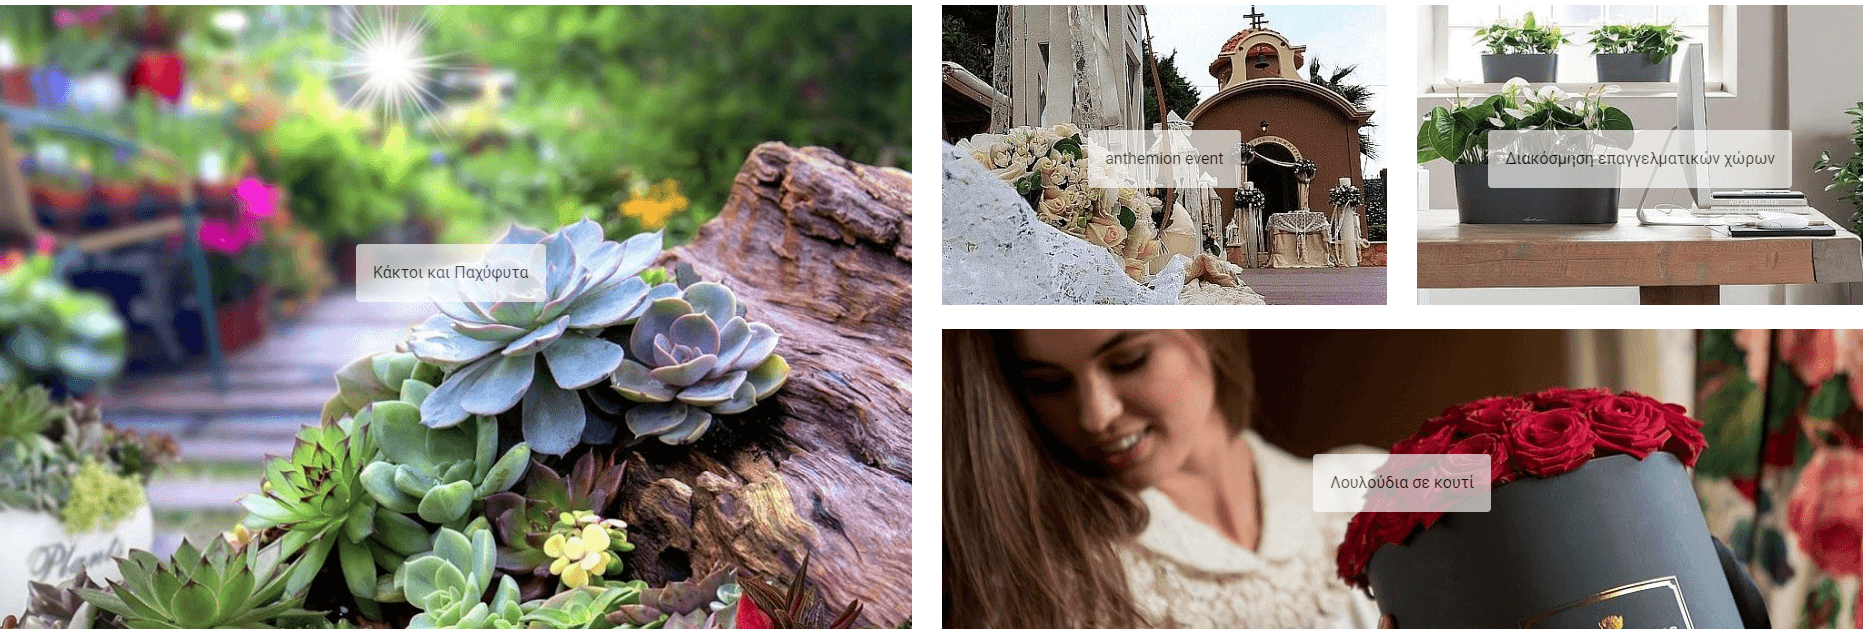 Στο anthemionflowers θα βρεις Κάκτους και Παχύφυτα, συνθέσεις για διακόσμηση Επαγγελματικών χώρων